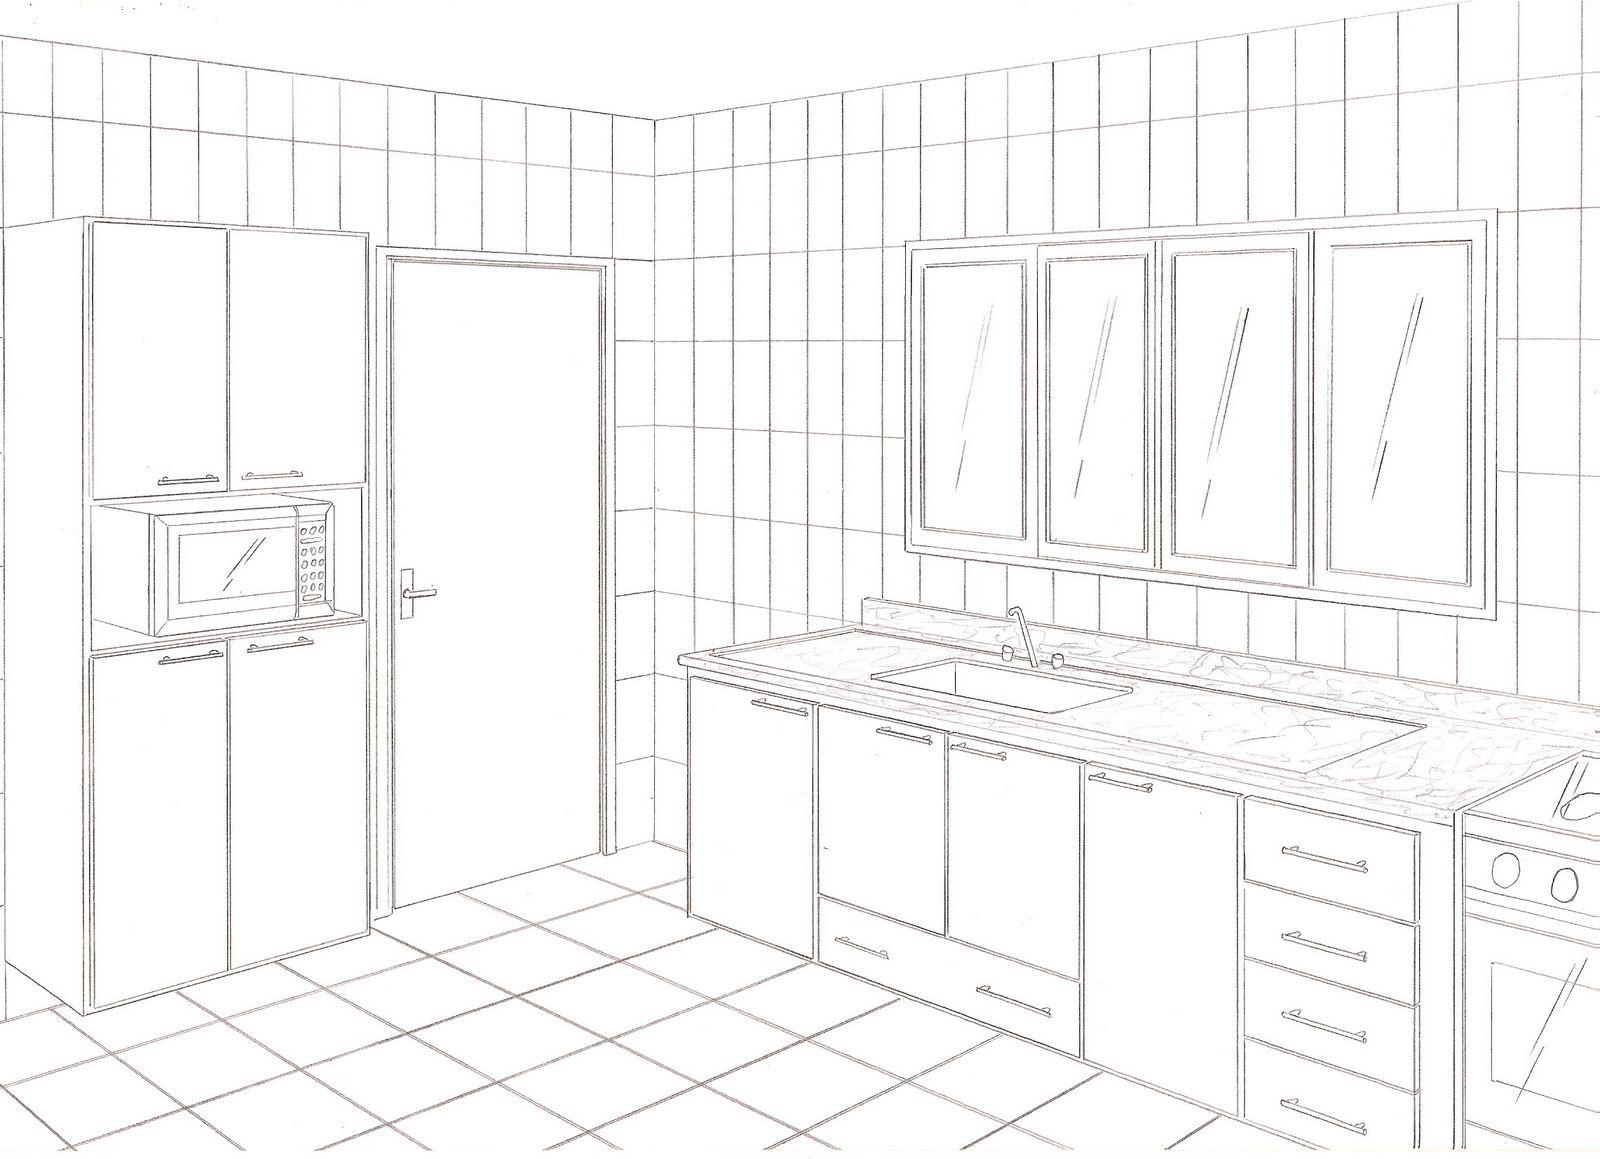 Designer de Cozinhas e Móveis planejados: Projetos à mão x projetos  #6B6060 1600 1159